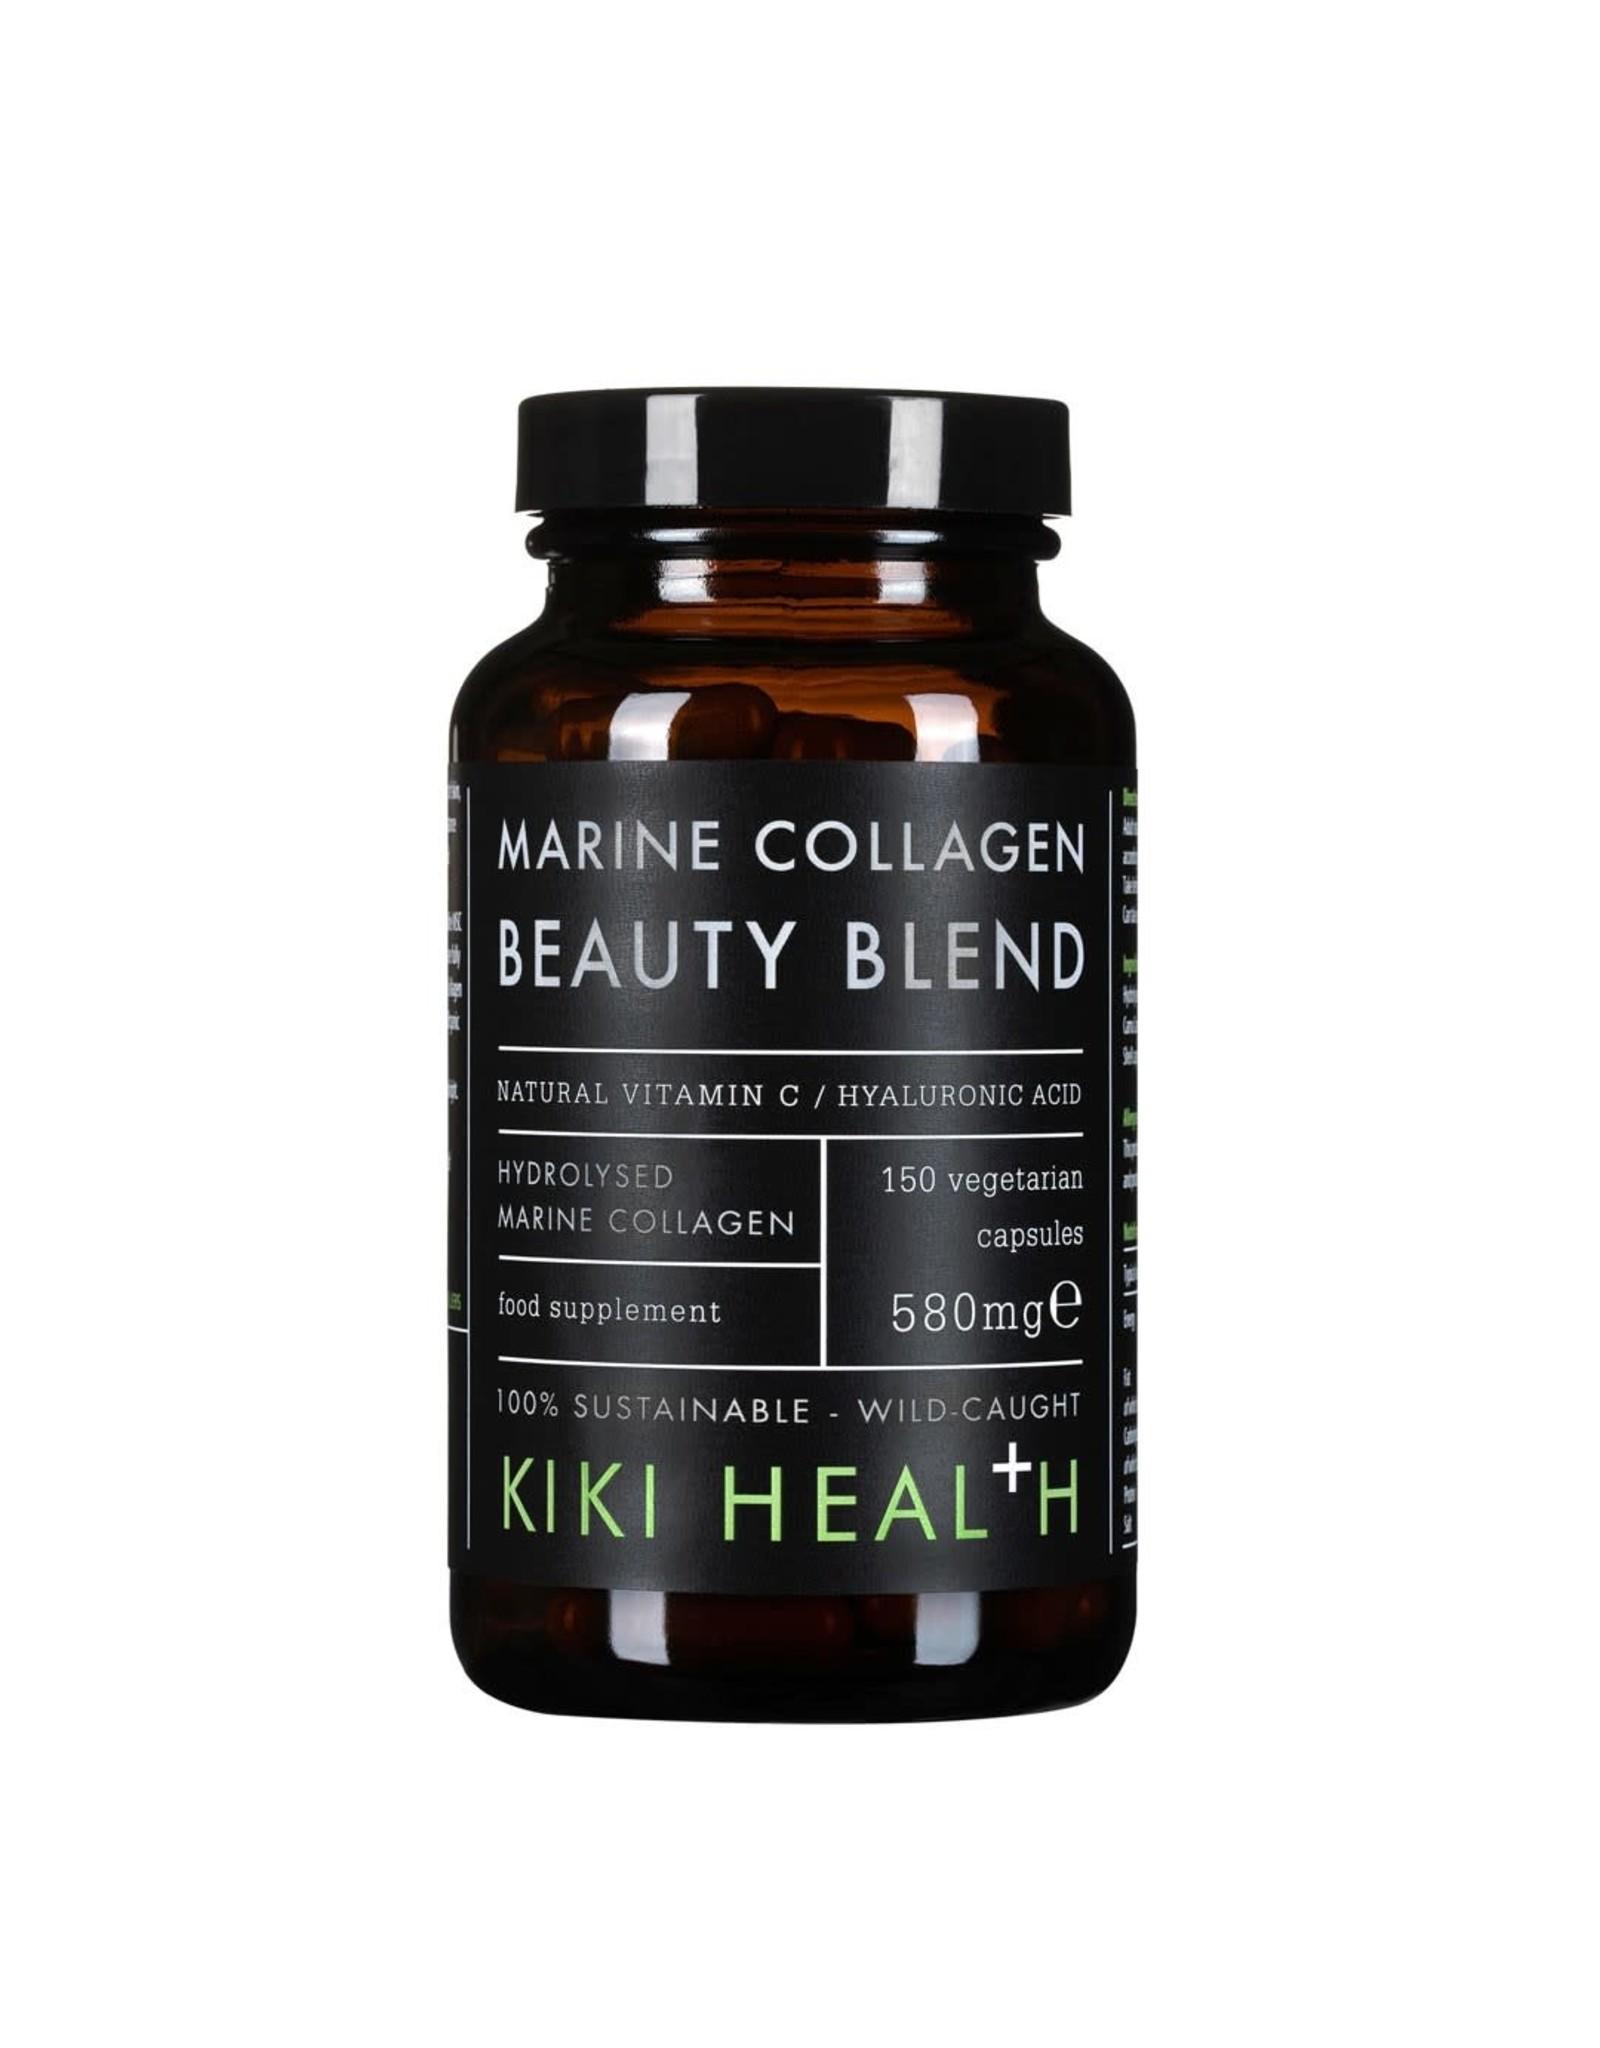 COLLAGEN BEAUTY BLEND, MARINE – 150 VegicapsBeauty blend 150cap